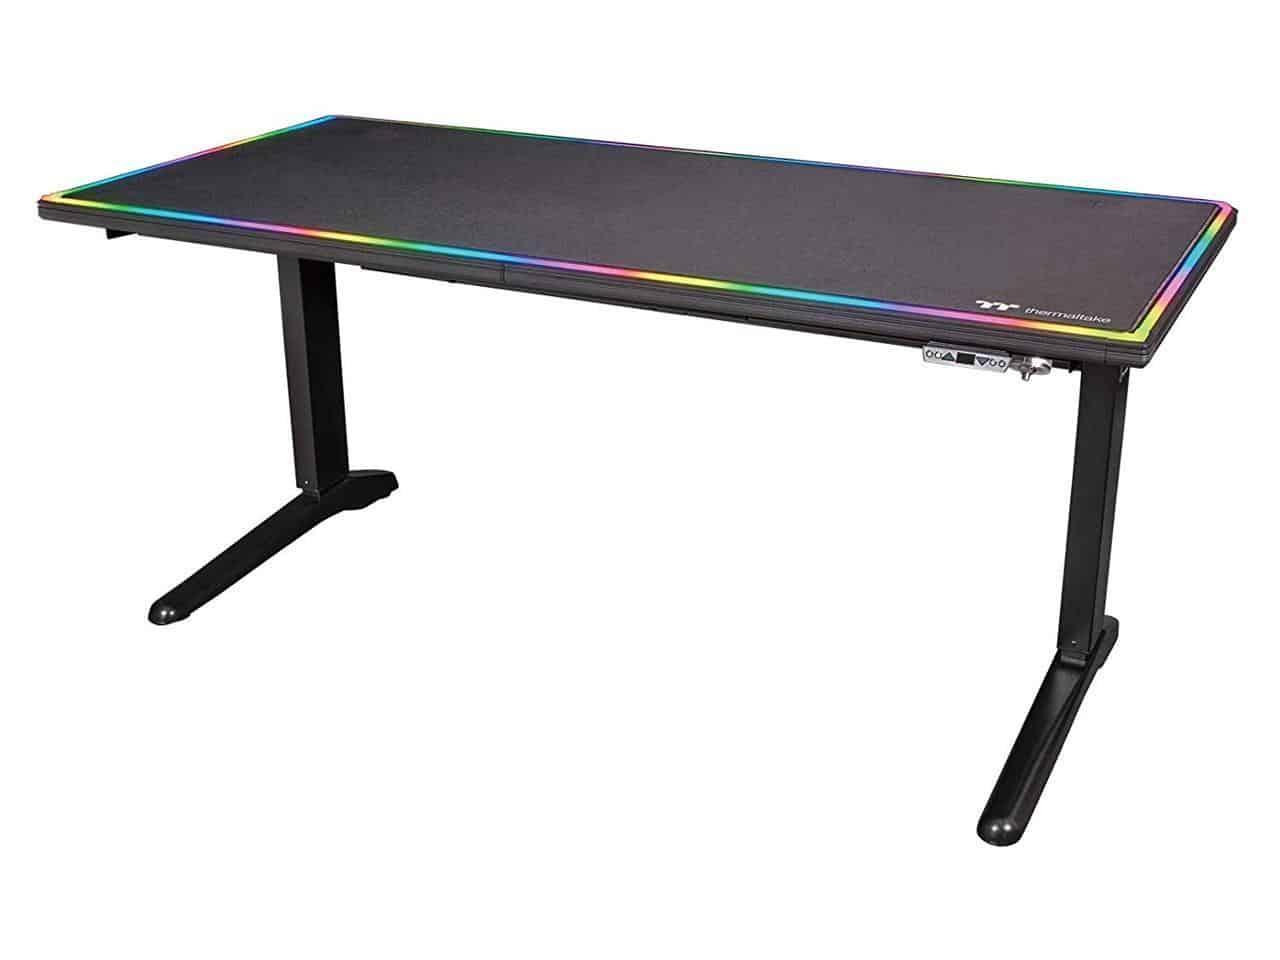 Thermaltake Tt Gaming Level 20 RGB Battlestation Gaming Computer Desk